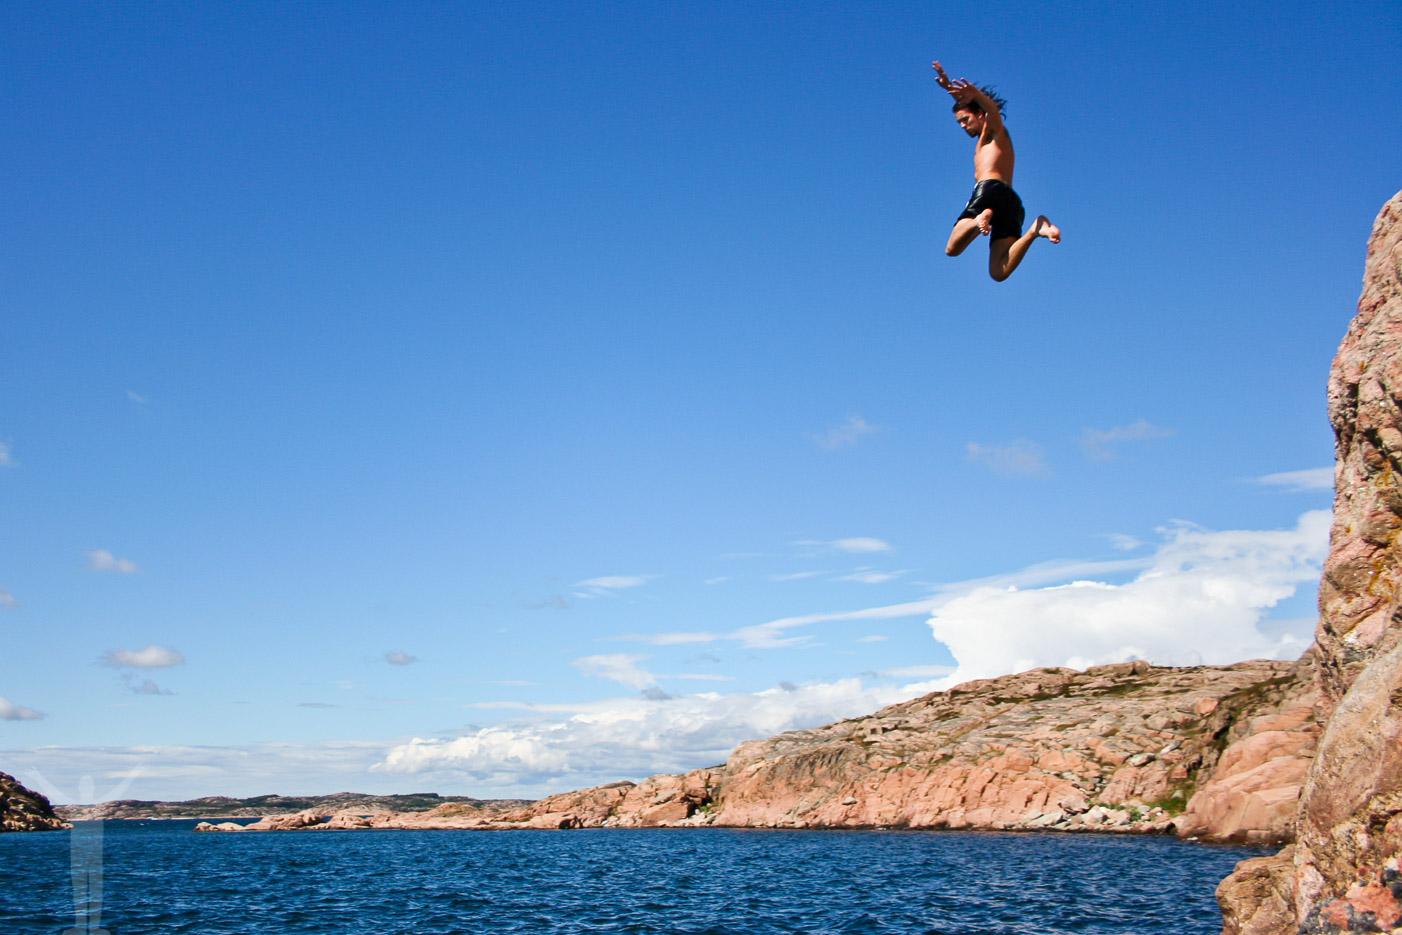 Skalhamn och hopp ner i havet. Riktig svemester!